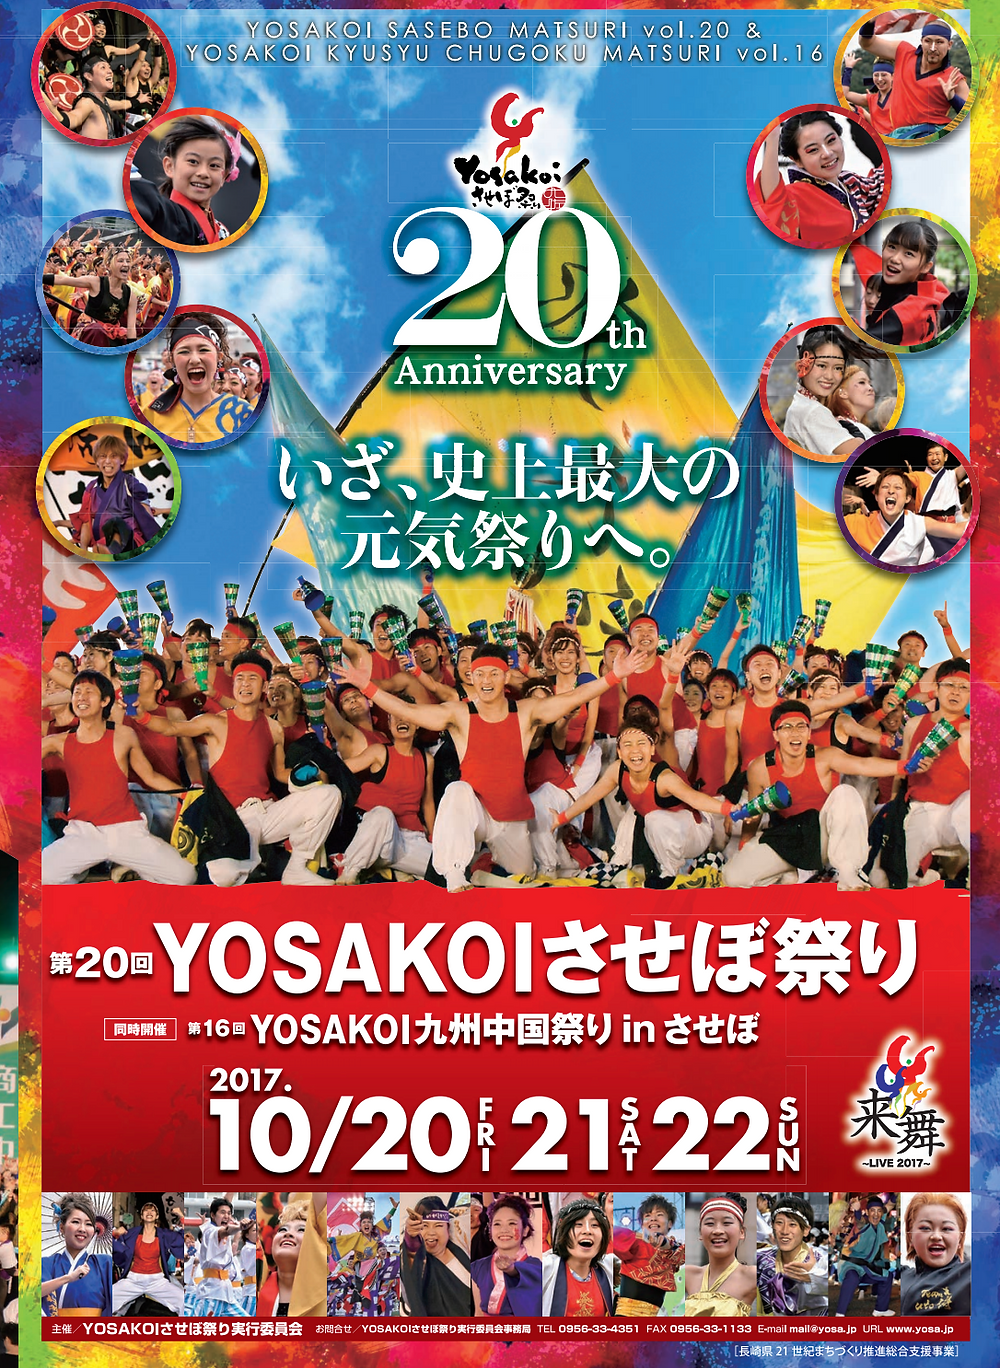 YOSAKOIさせぼ祭り2017